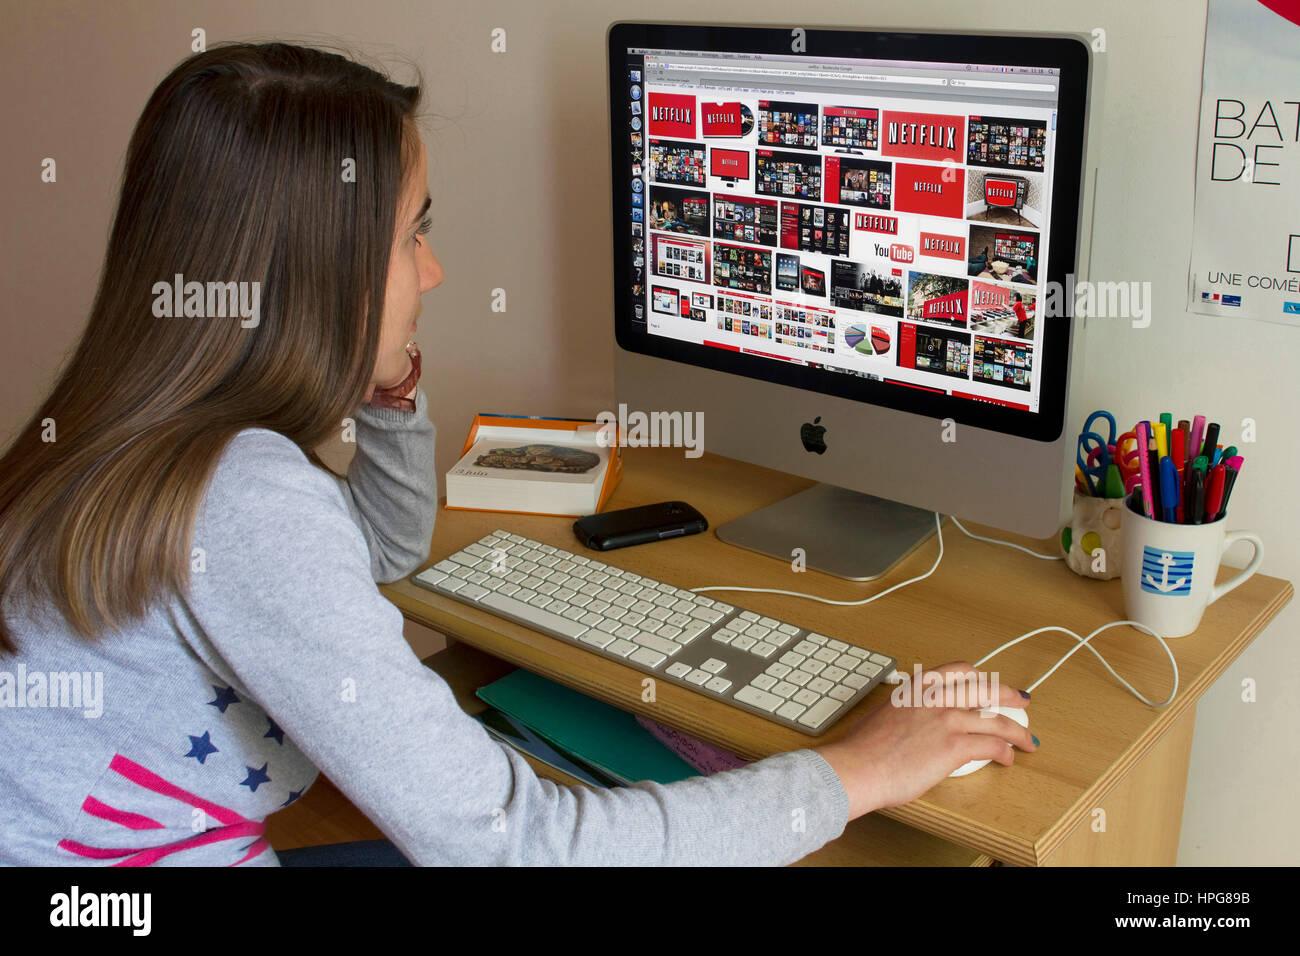 Schulmädchen vor einem Computerbildschirm anzeigen von Netflix. Stockbild